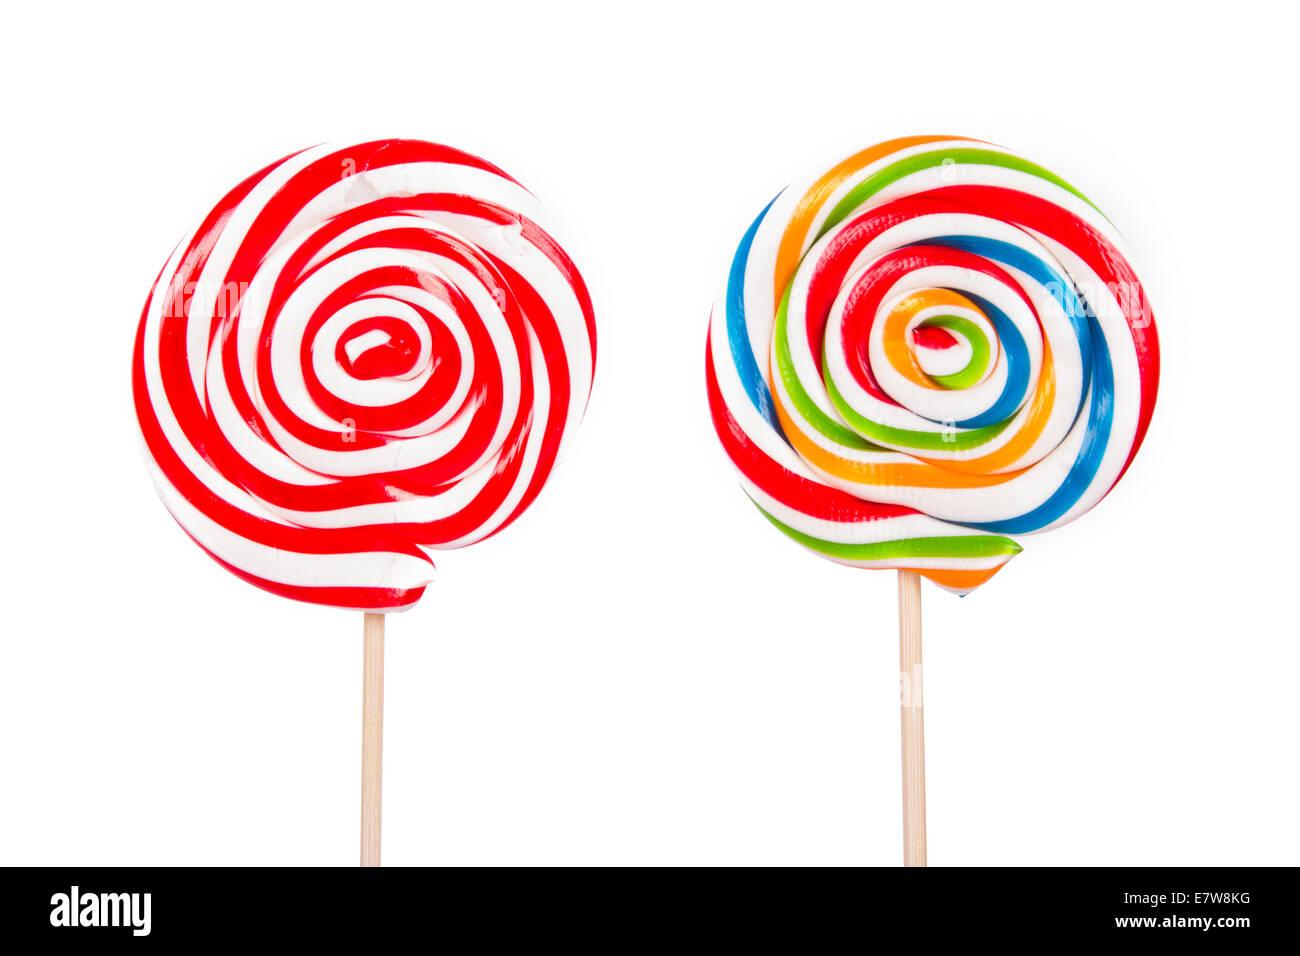 Bunte Spirale Lutscher Süßigkeit auf Stick, isoliert auf weißem Hintergrund. Stockbild